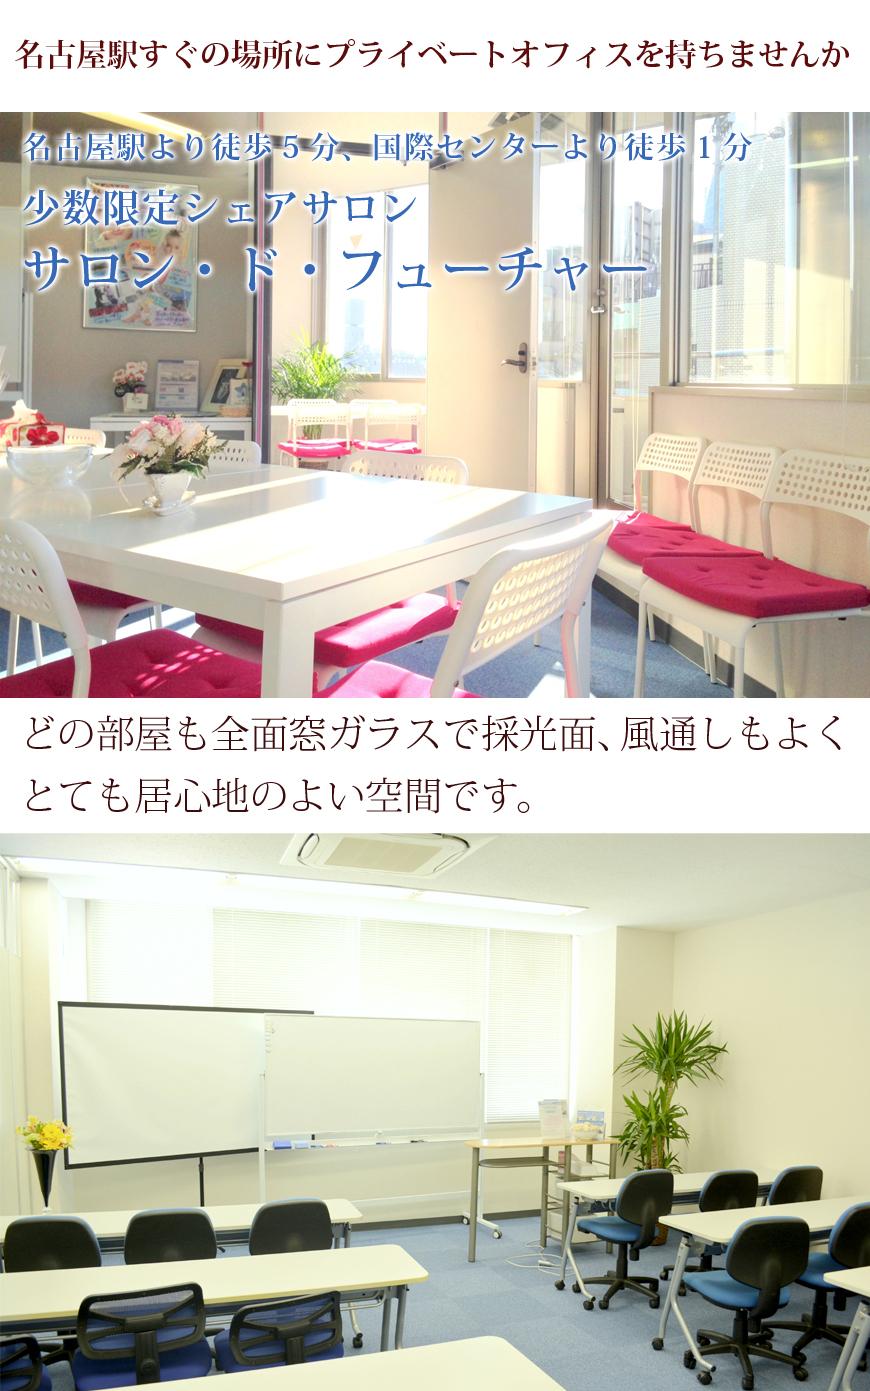 名古屋駅すぐの場所にプライベートオフィスを持ちませんかtop2